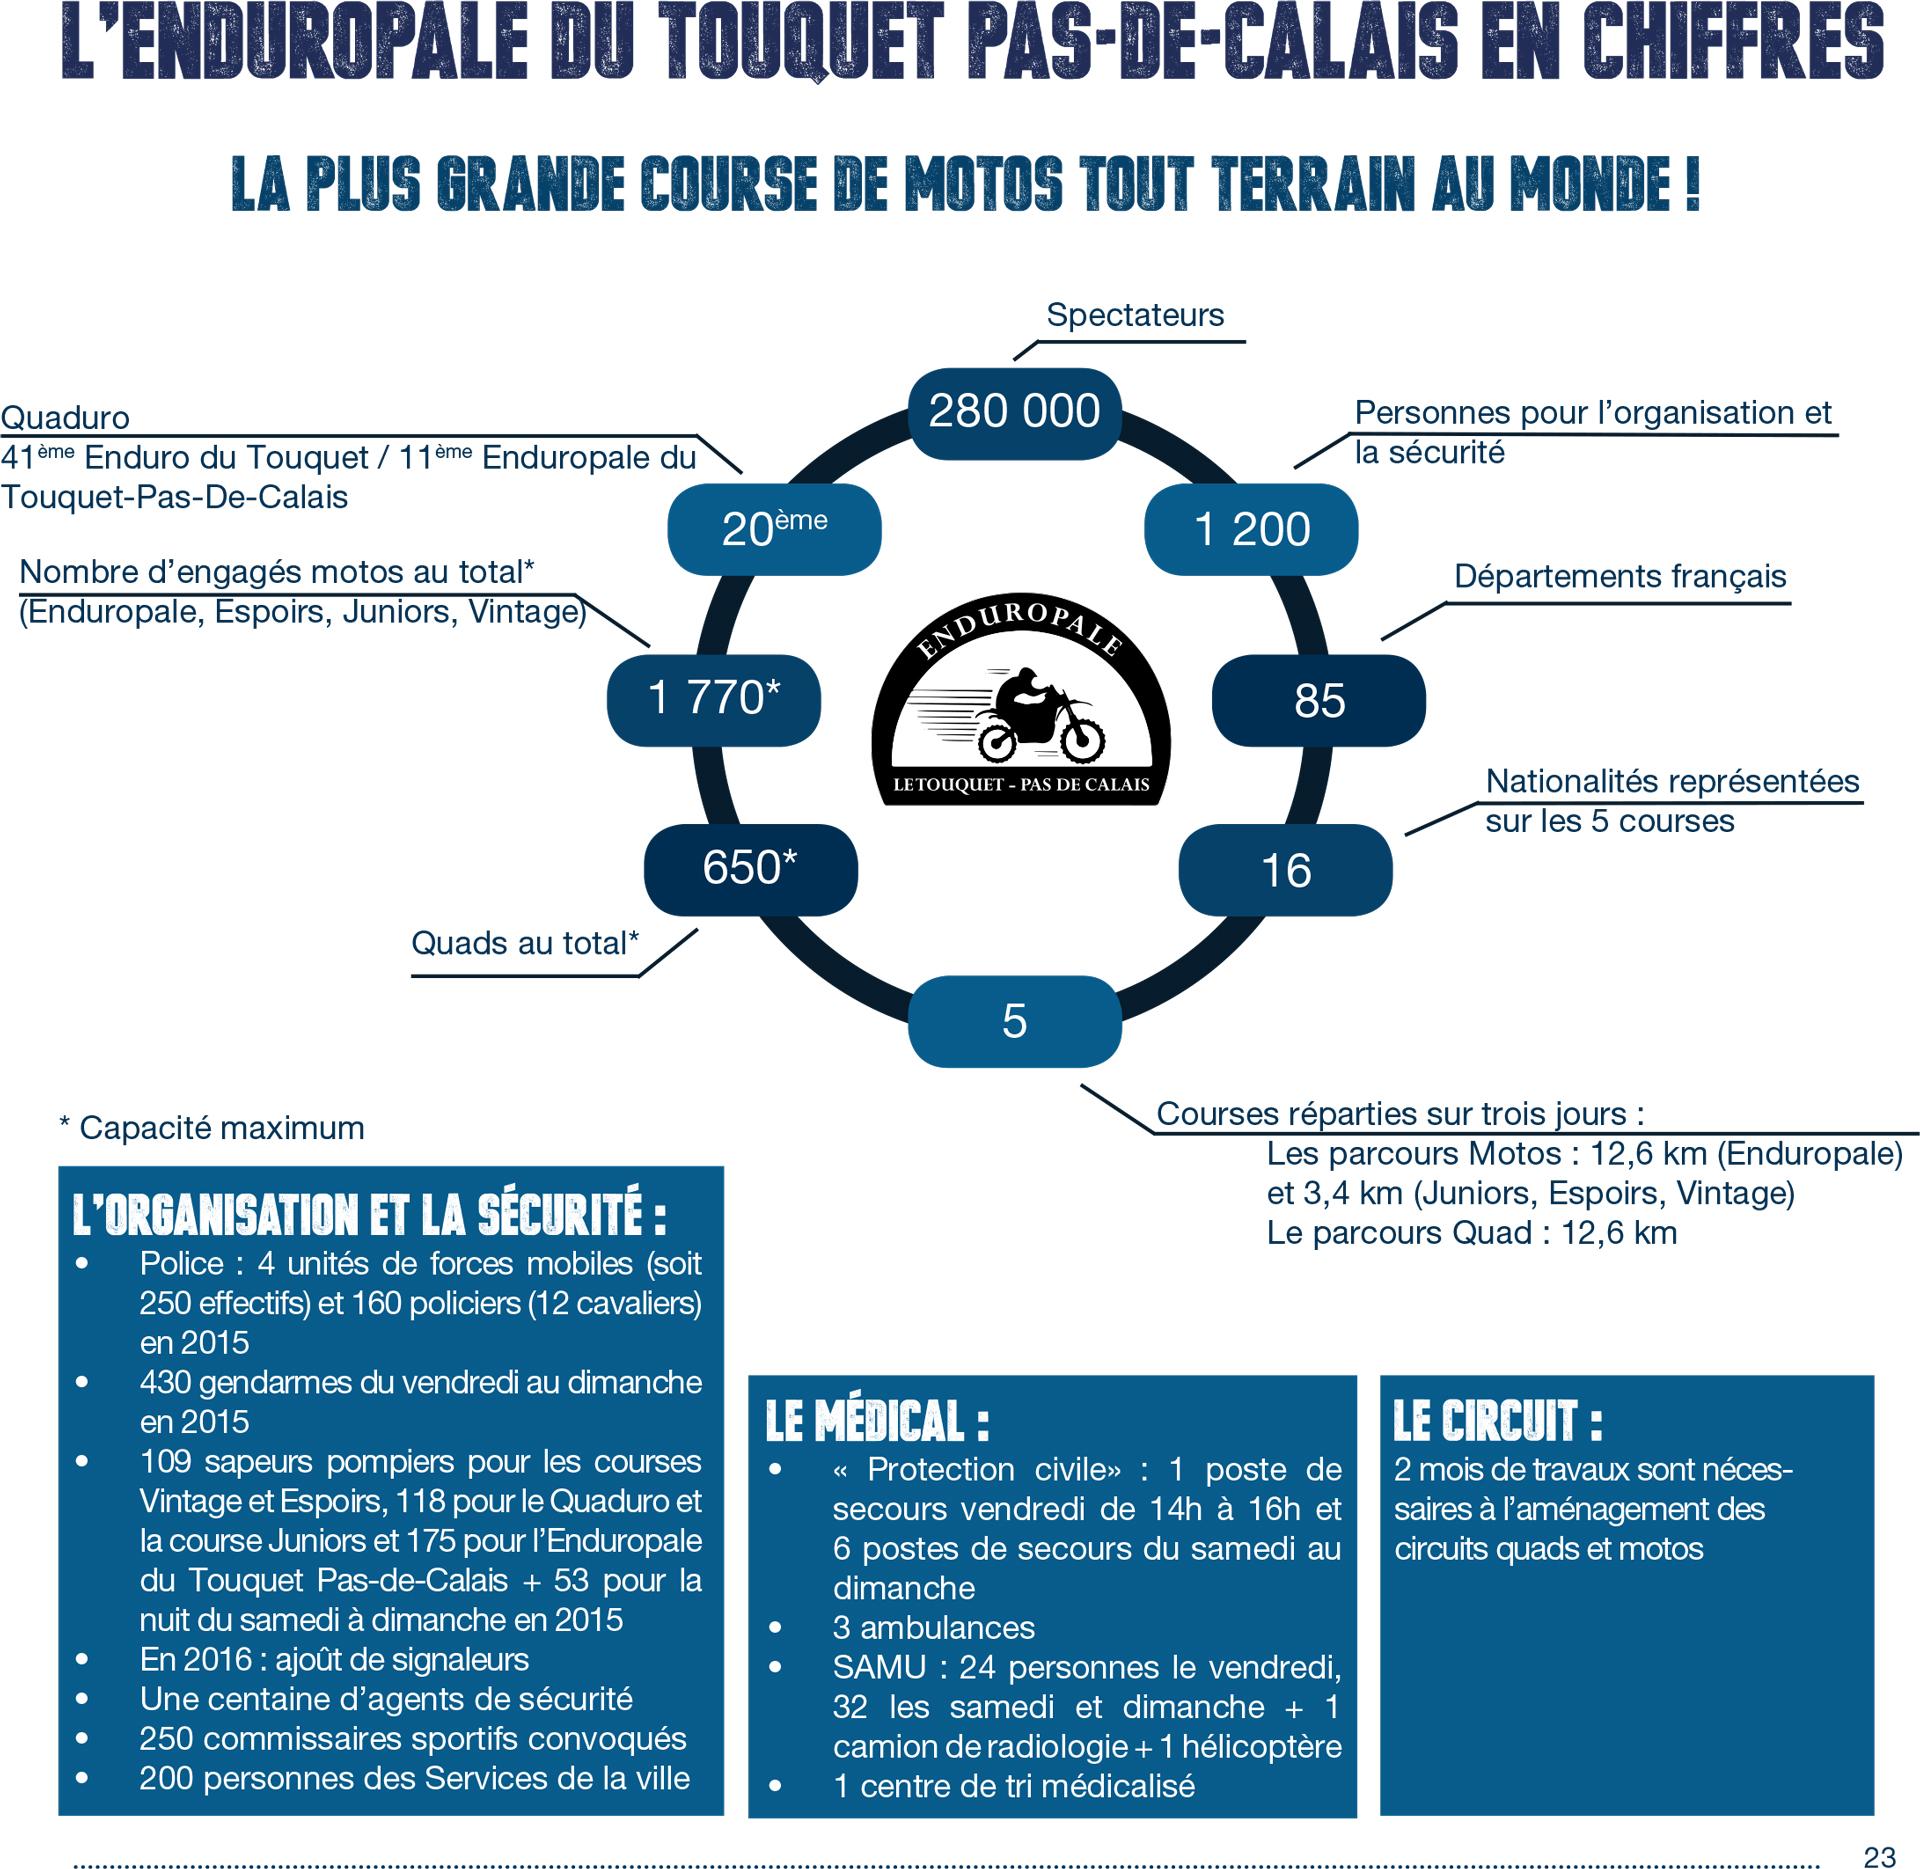 Enduropale du Touquet 2016 - infographie